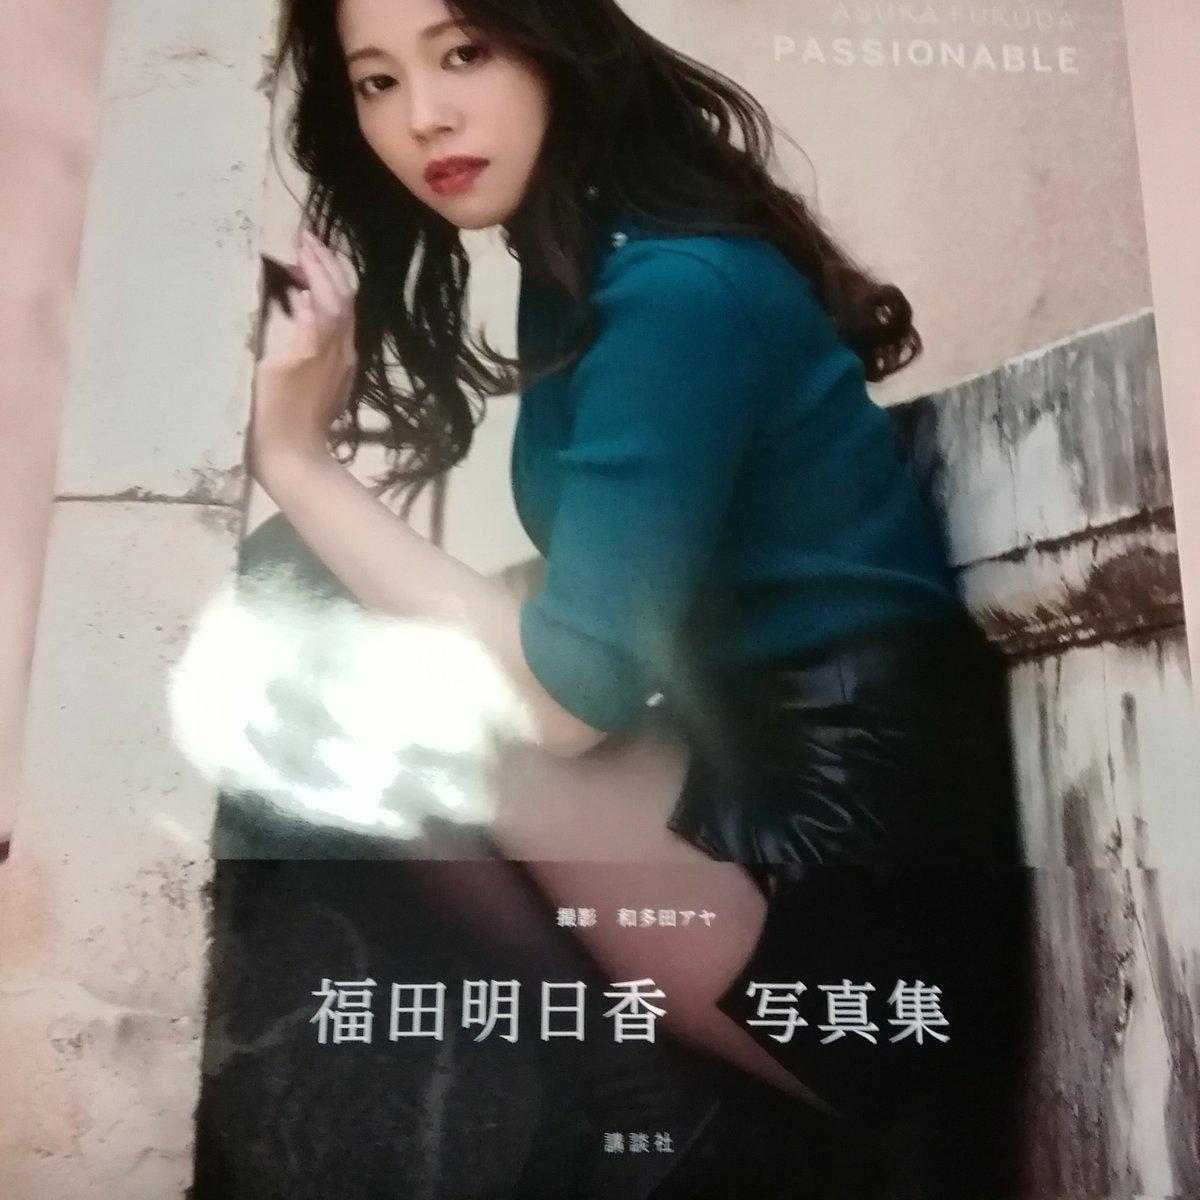 福田 明日香 写真 集